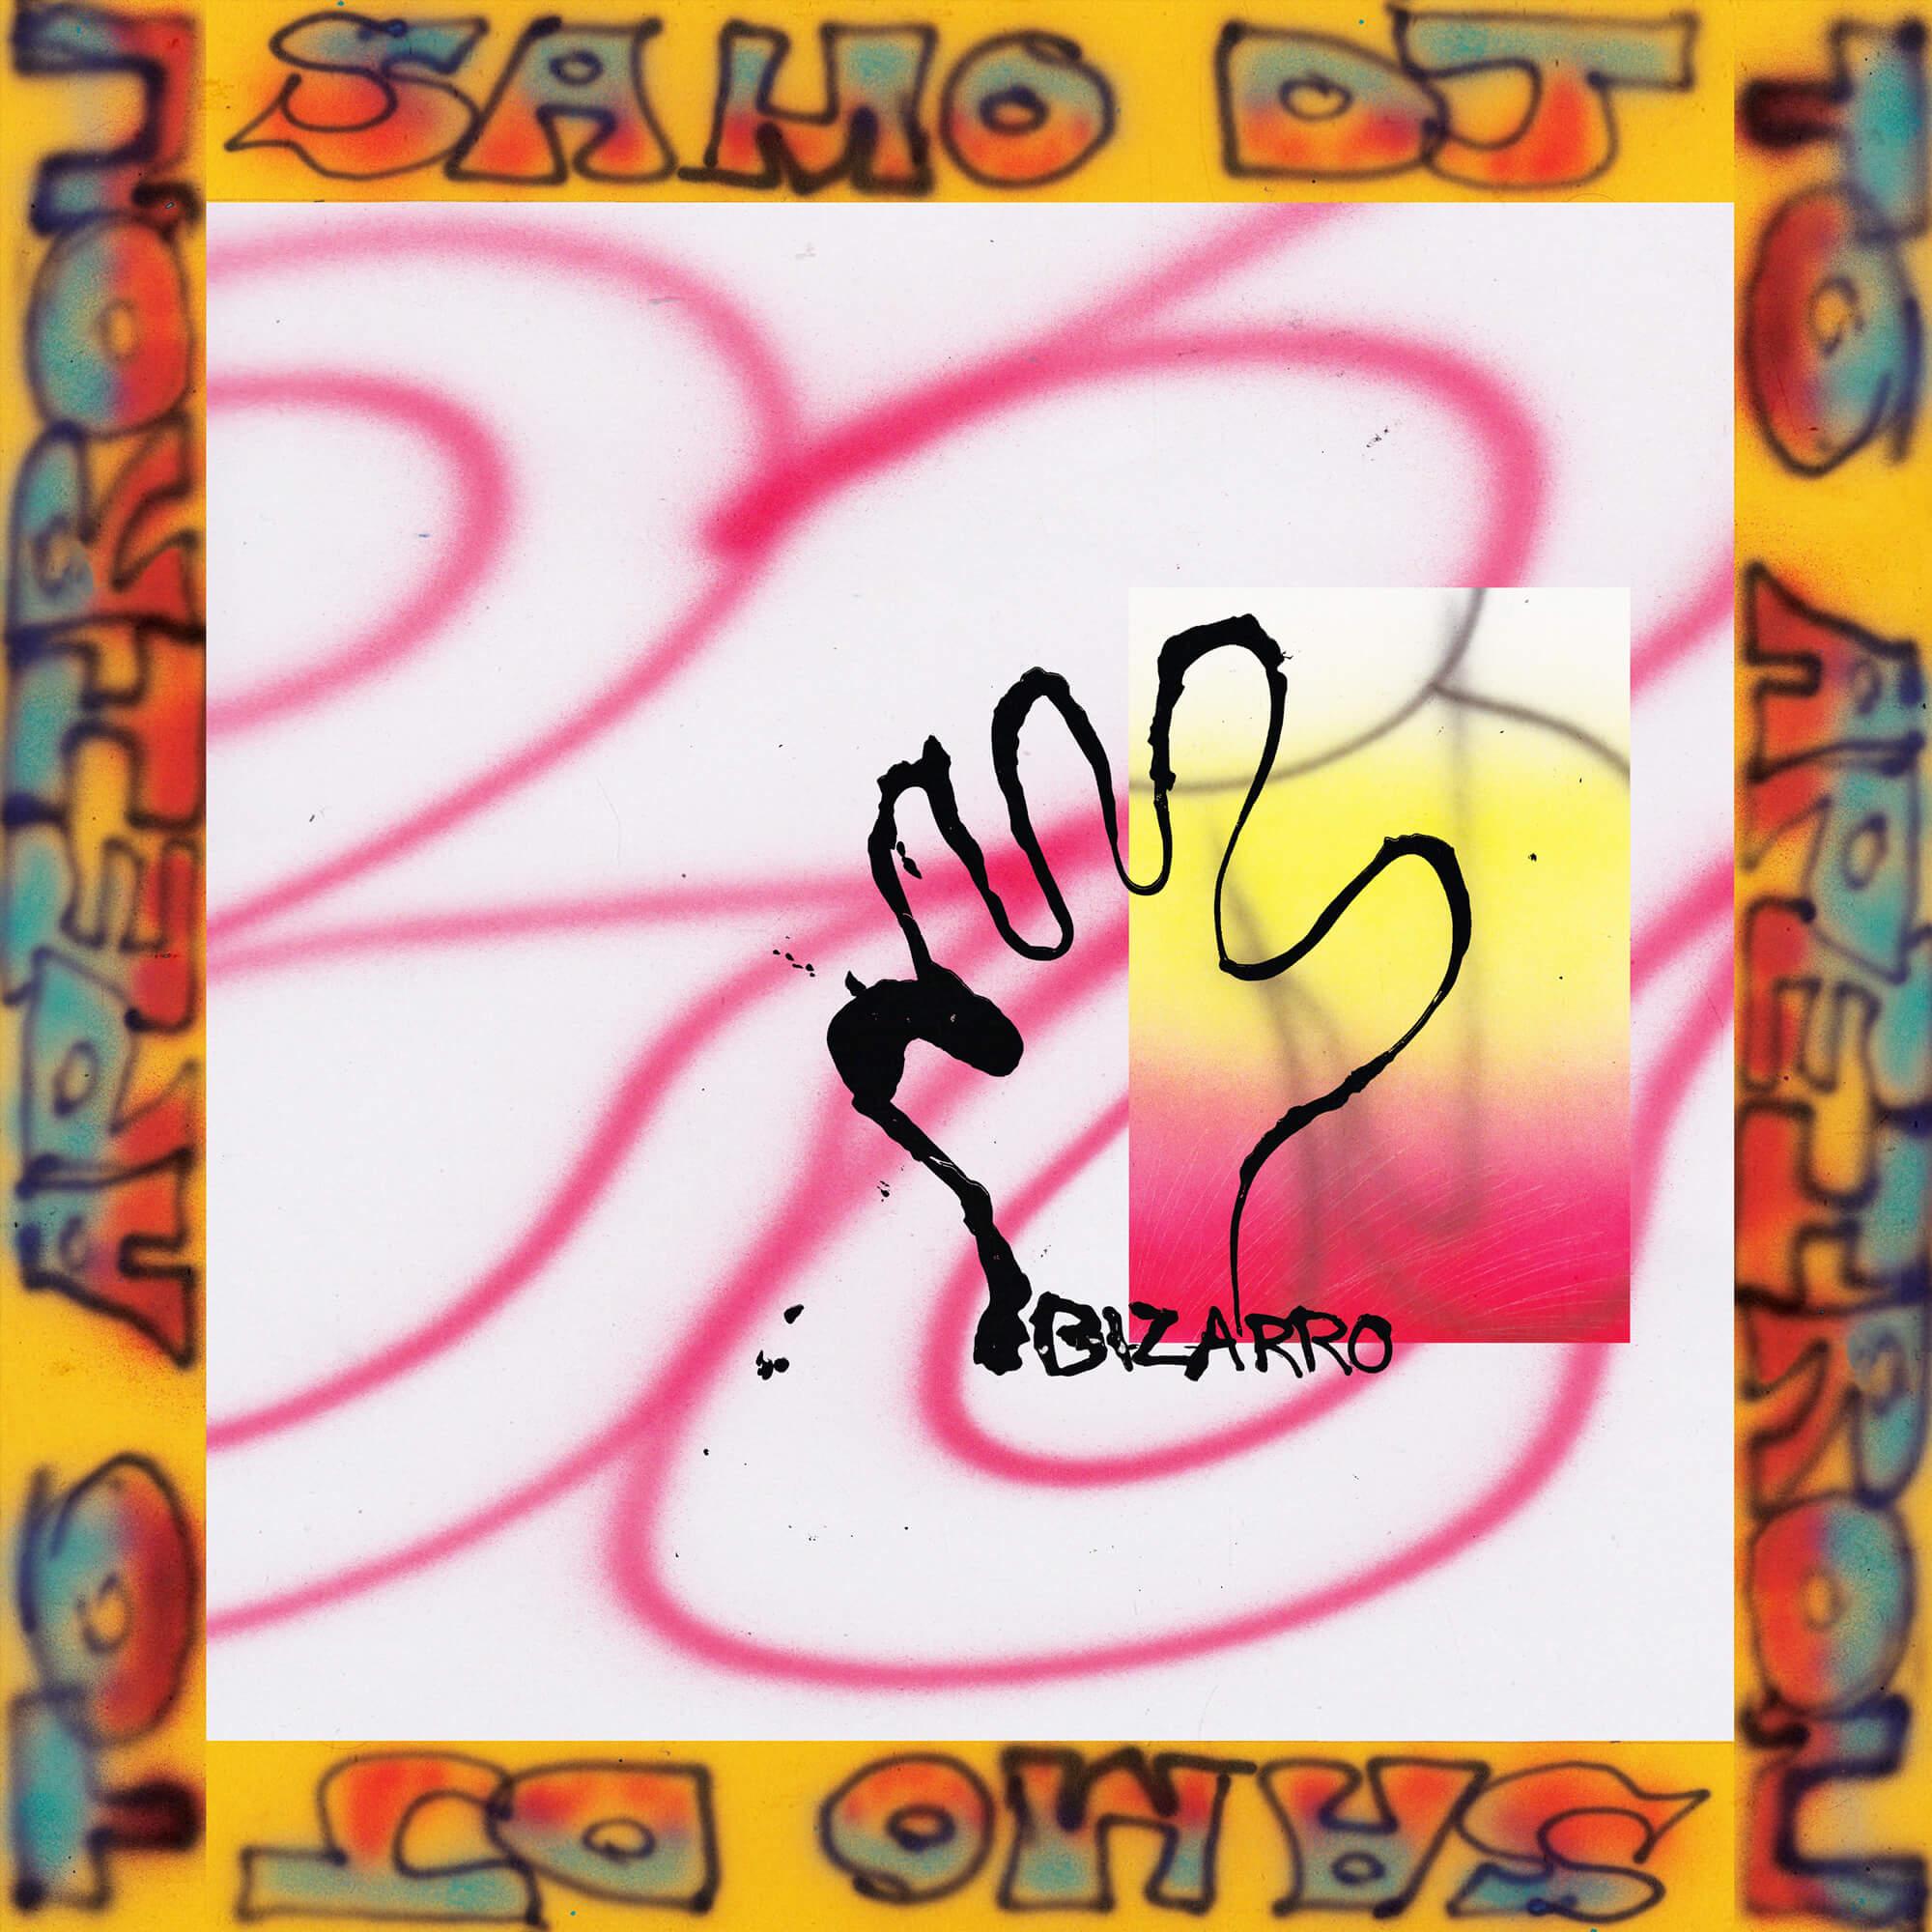 Samo DJ - To Apeiron